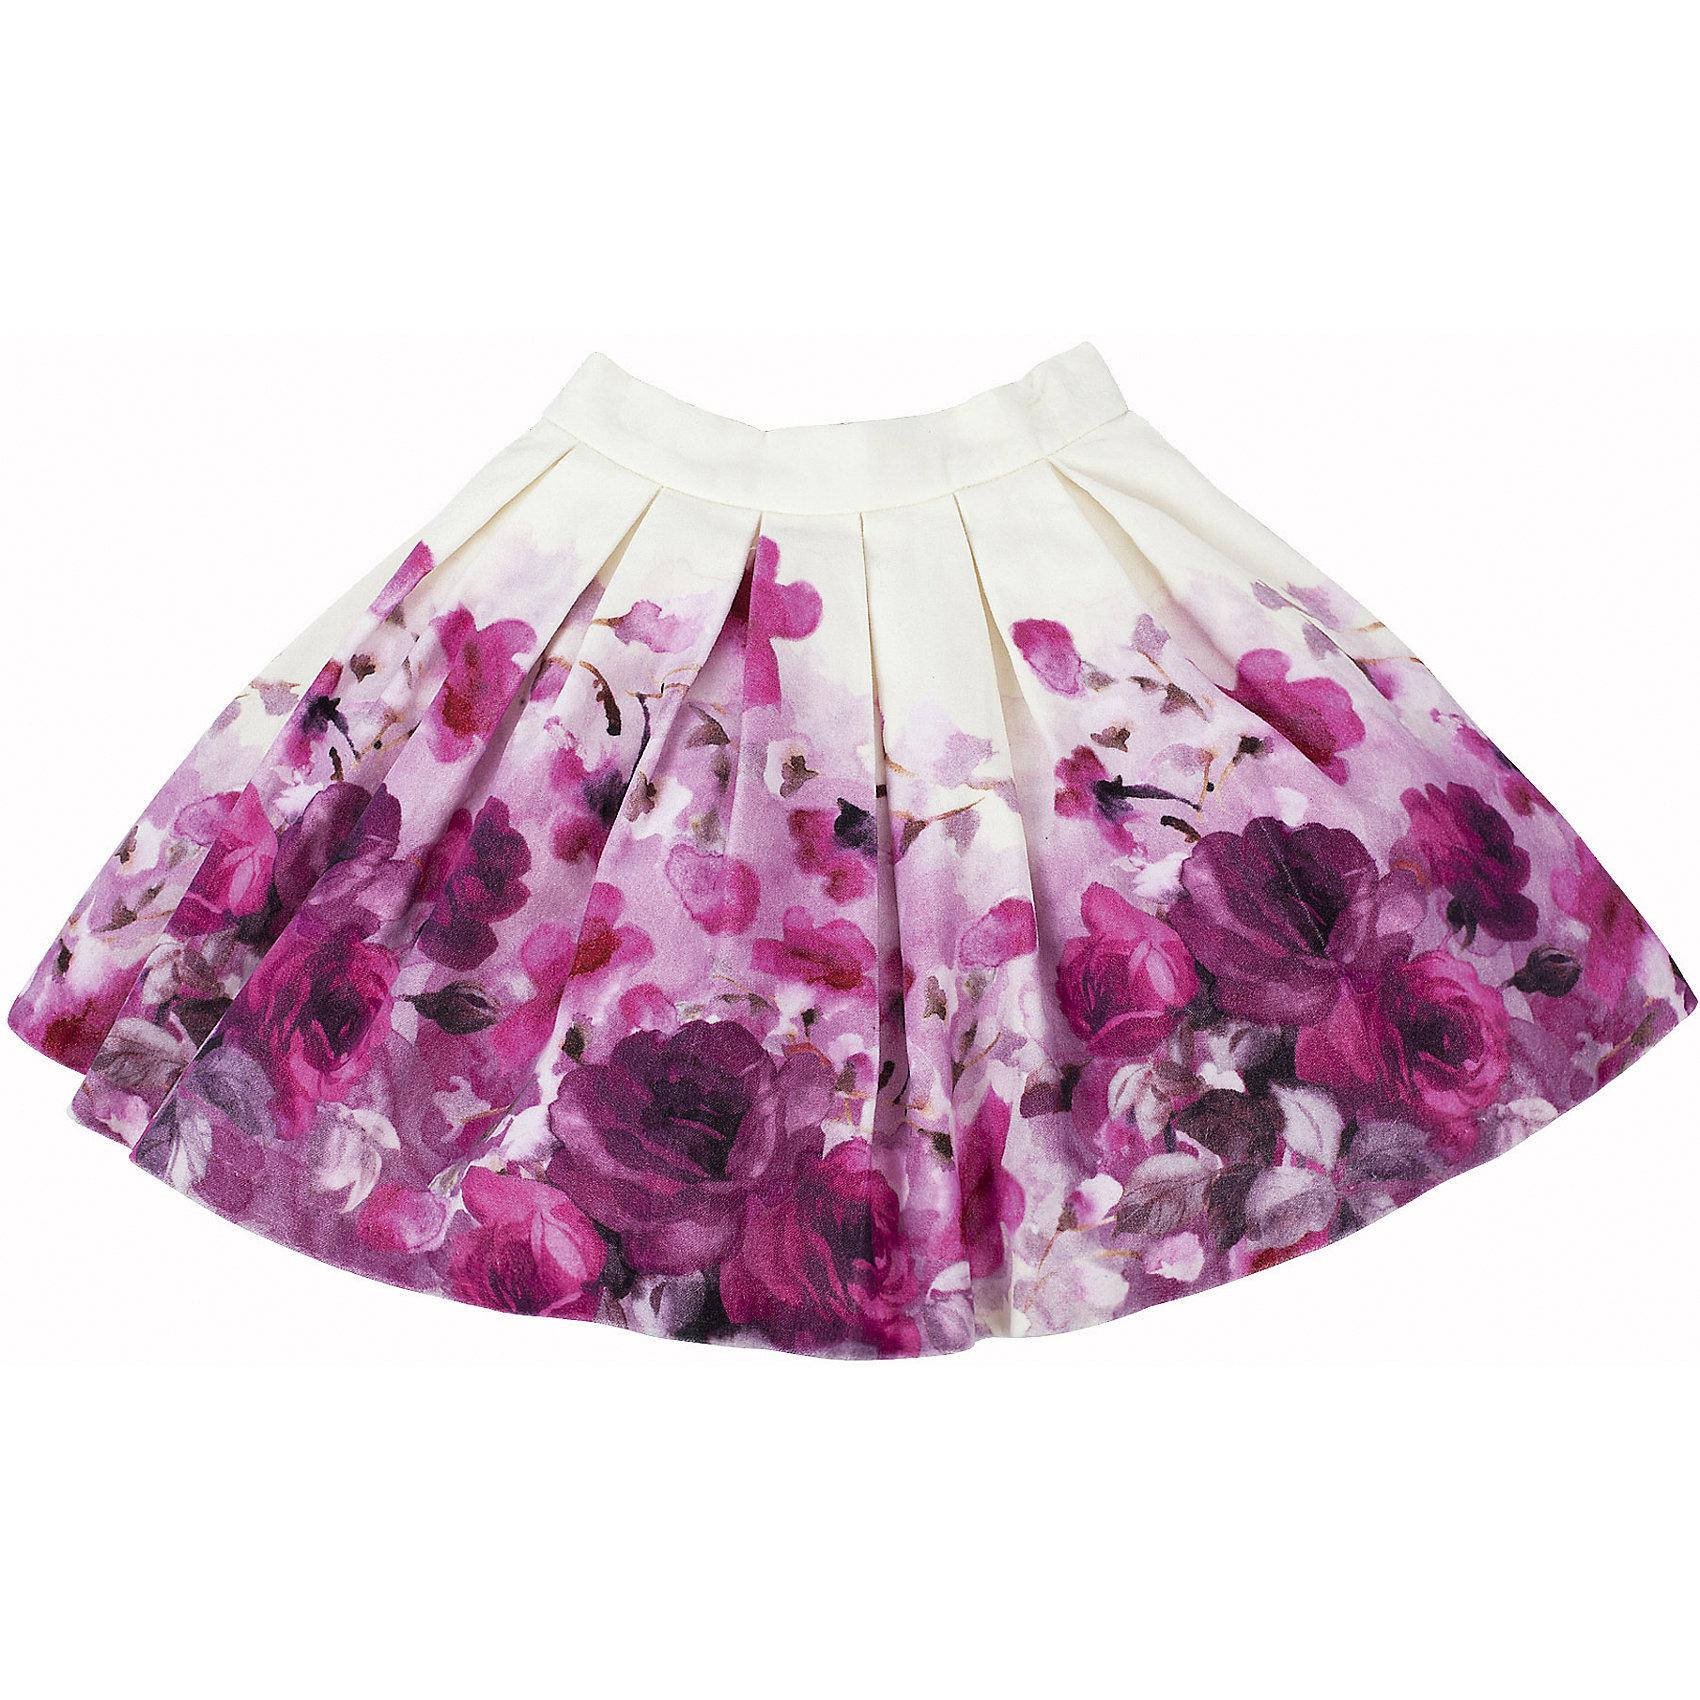 Юбка для девочки GulliverЮбка для девочки от известного бренда Gulliver.<br>Какими должны быть модные юбки 2016? Новыми, интересными, необычными! Именно так выглядит эта замечательная модель из мягкого велюра. Расклешенная форма, красивый объем, полученный благодаря двухъярусному подъюбнику из сетки, комфортная длина, оригинальный цветочный рисунок делают юбку яркой и запоминающейся. Если вы решили купить юбку, выбор этой модели - правильное решение, которое ребенок обязательно оценит!<br>Состав:<br>верх: 100% хлопок; подкладка: 100% хлопок<br><br>Ширина мм: 207<br>Глубина мм: 10<br>Высота мм: 189<br>Вес г: 183<br>Цвет: белый<br>Возраст от месяцев: 24<br>Возраст до месяцев: 36<br>Пол: Женский<br>Возраст: Детский<br>Размер: 98,104,110,116<br>SKU: 5103474